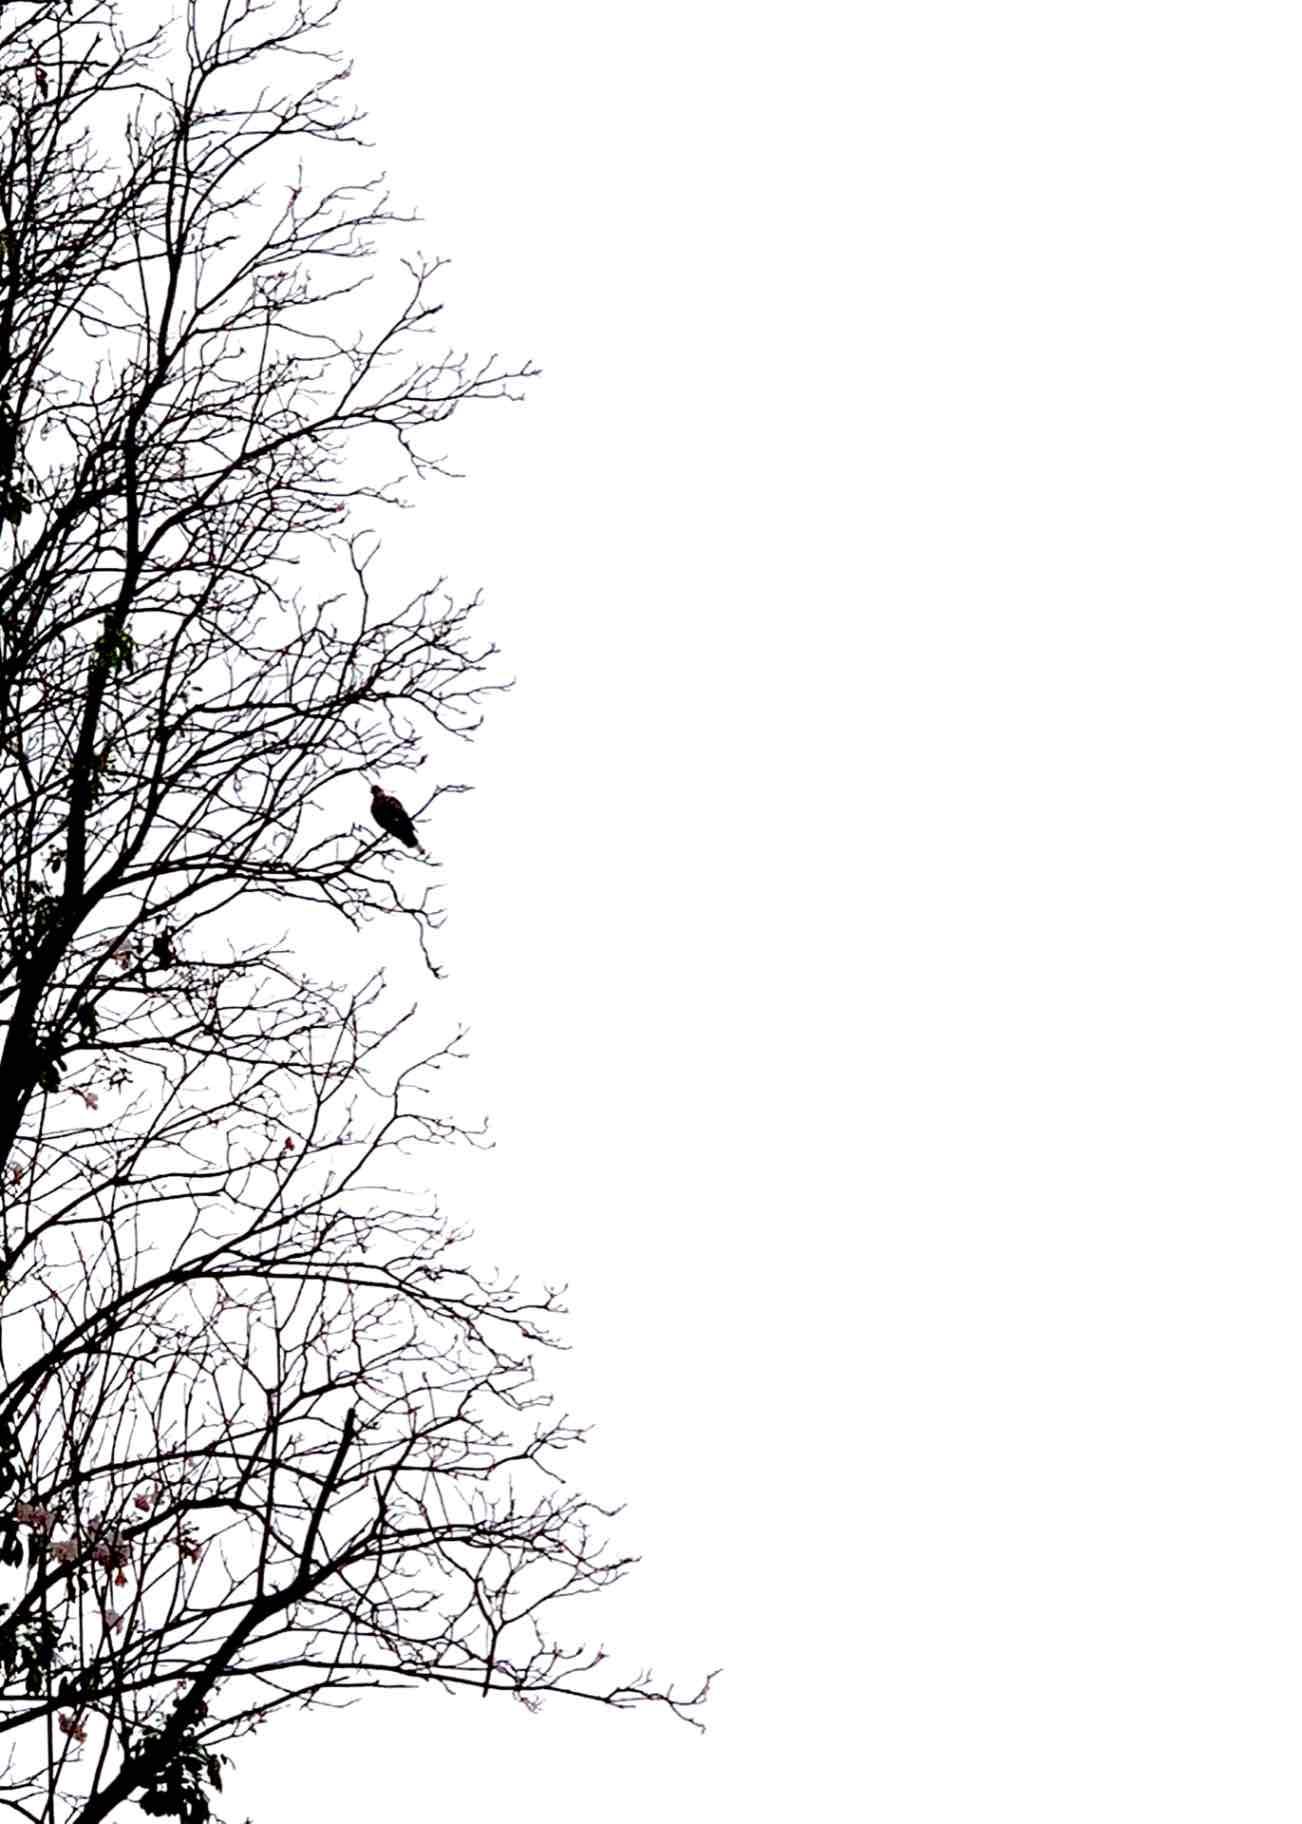 Obra: El cuervo dijo nunca más.